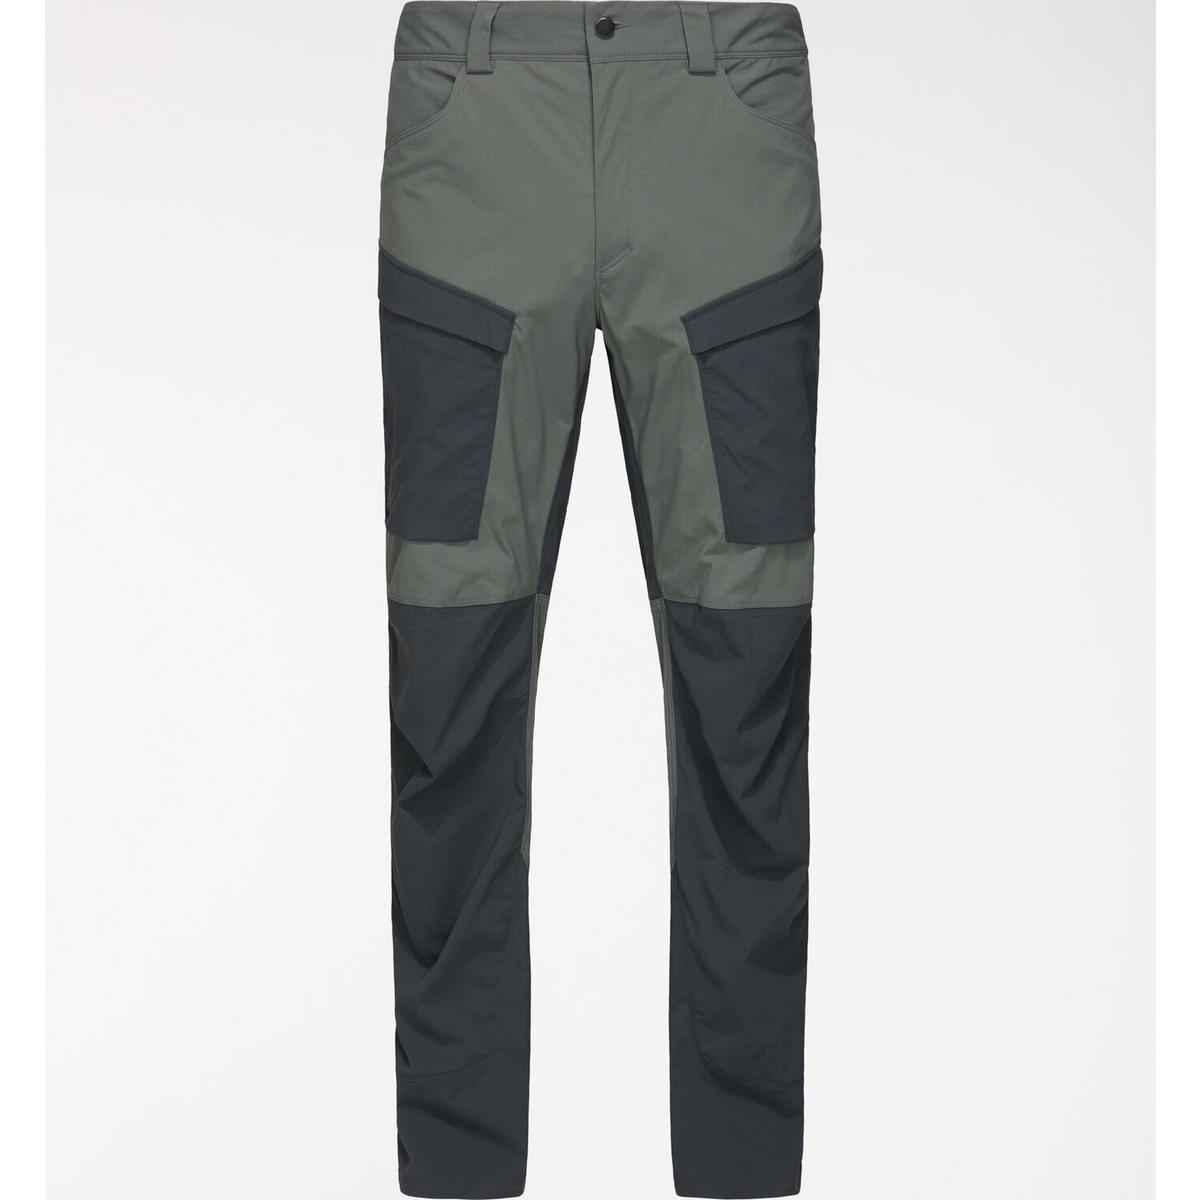 Haglofs Men's Mid Fjord Pant (Reg) - Grey